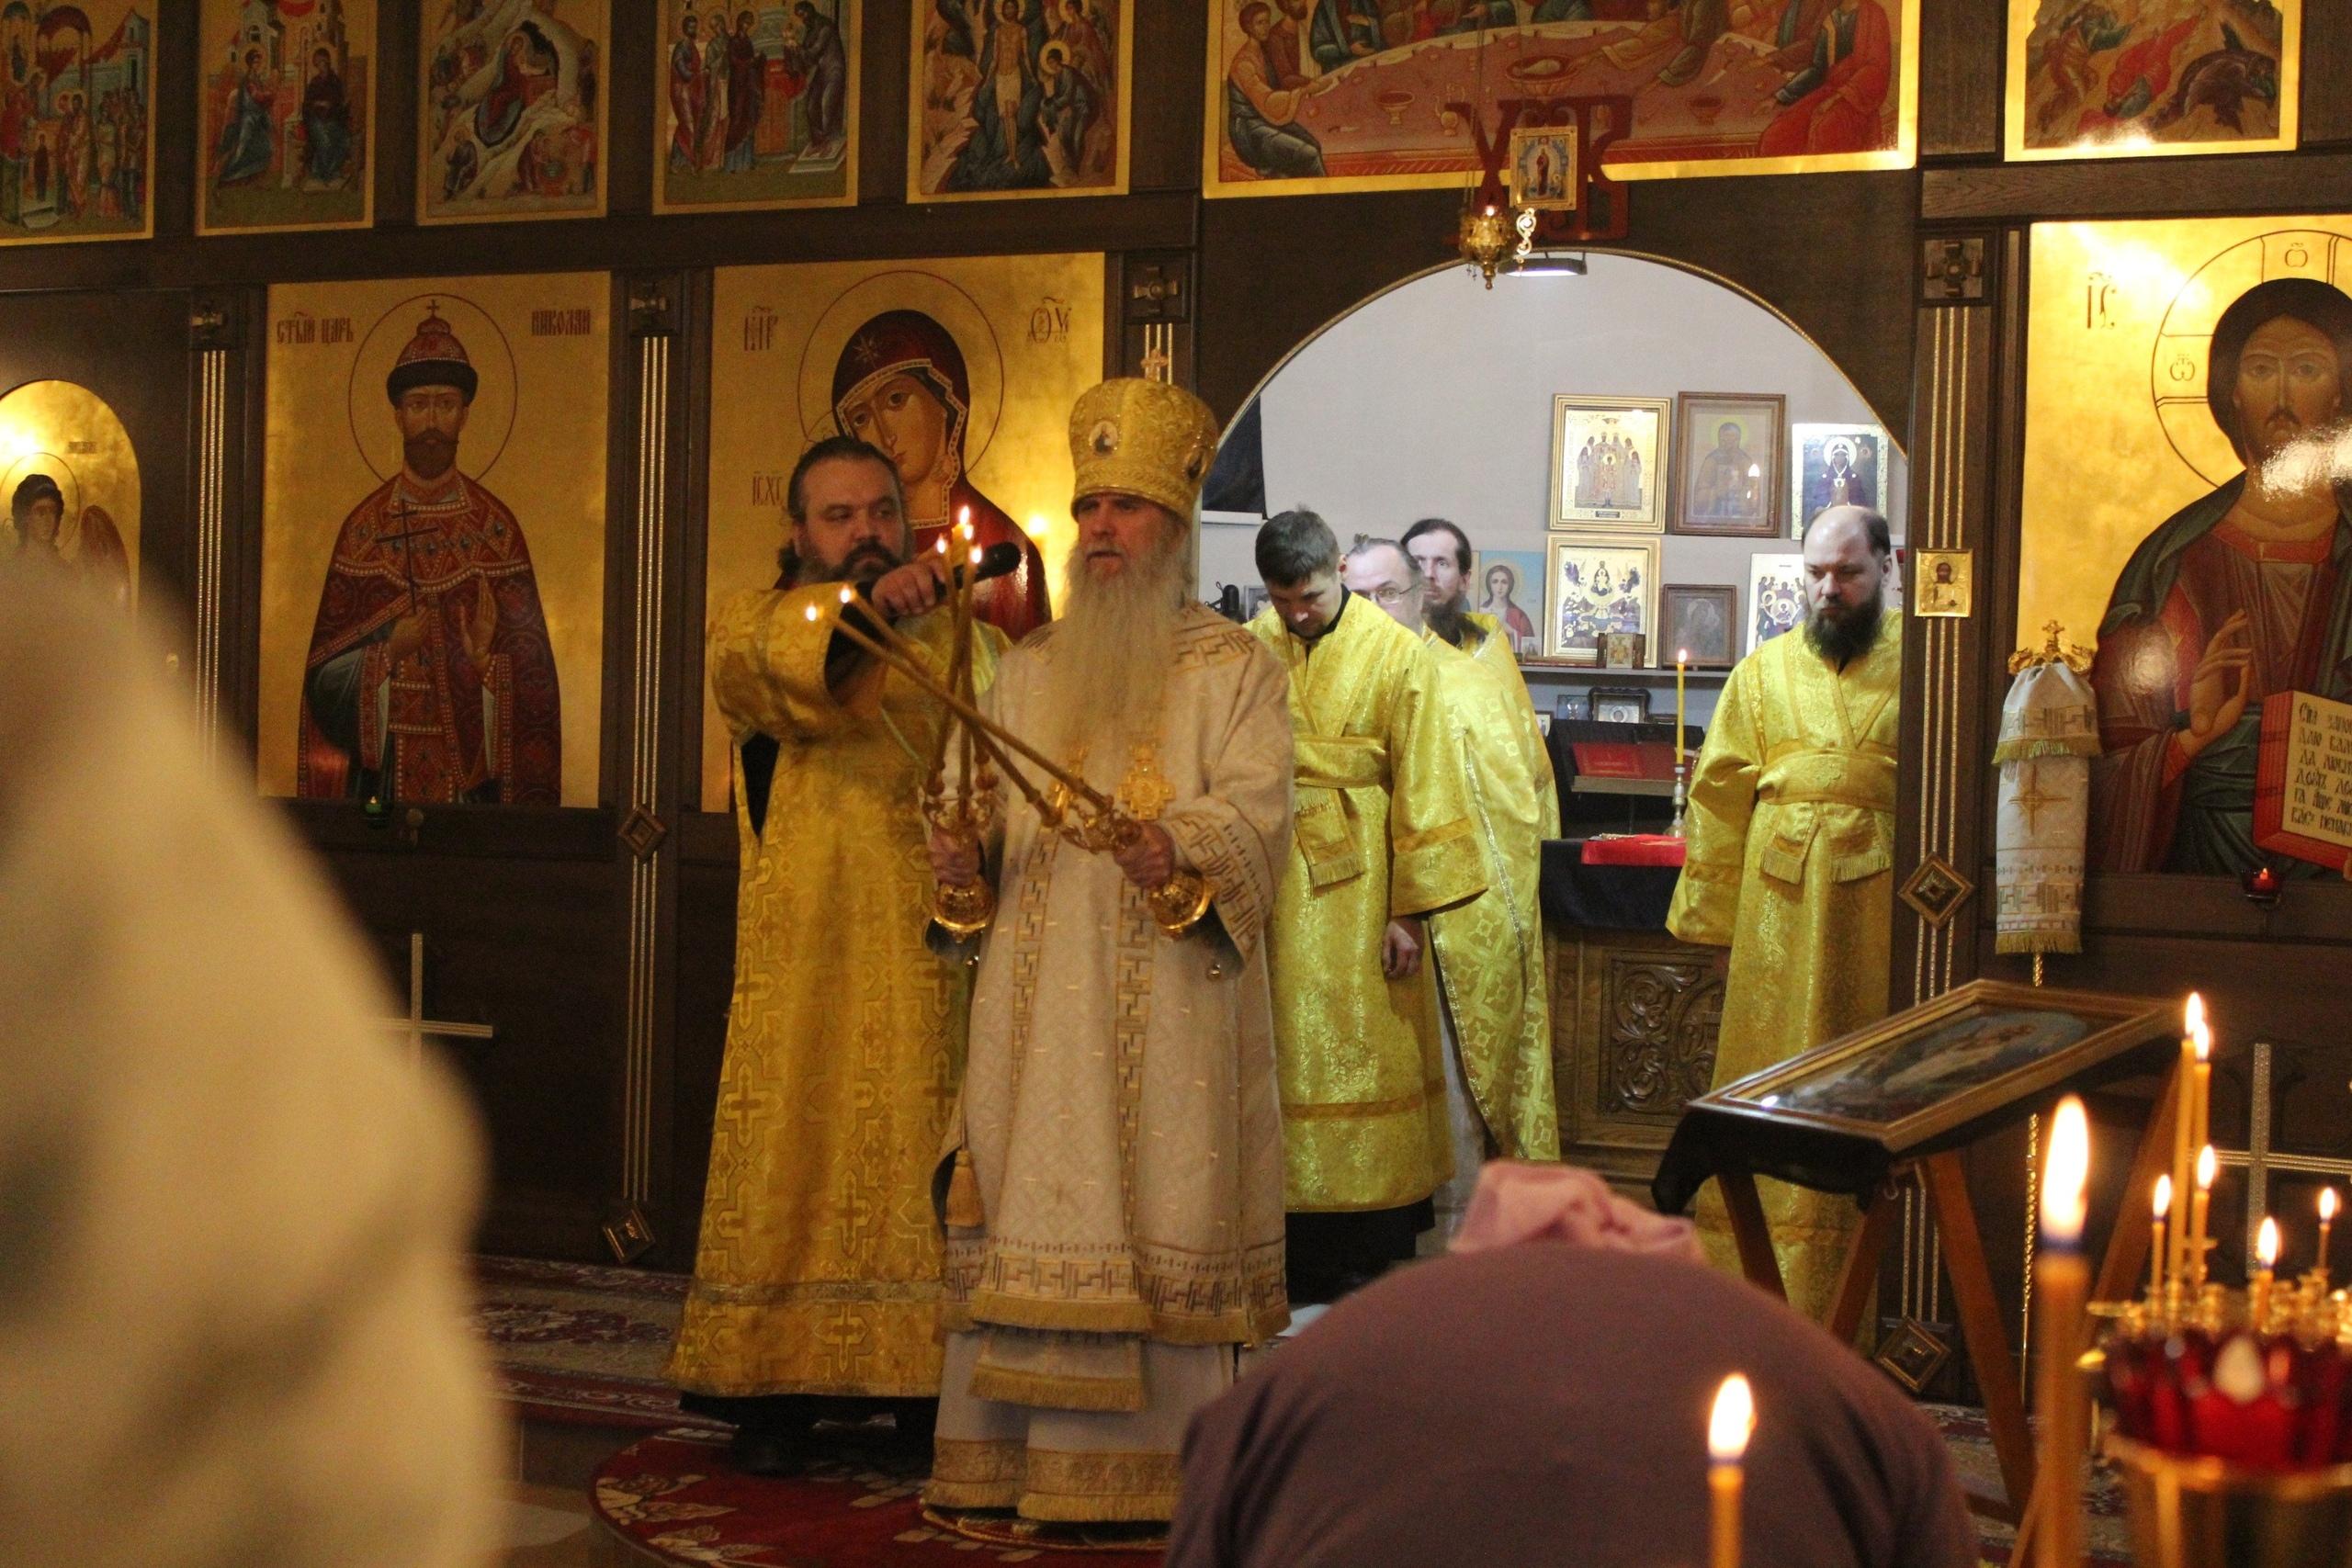 Преосвященный Мефодий совершил Божественную литургию в Храме Державной иконы Божией Матери. гп Рефтинский.